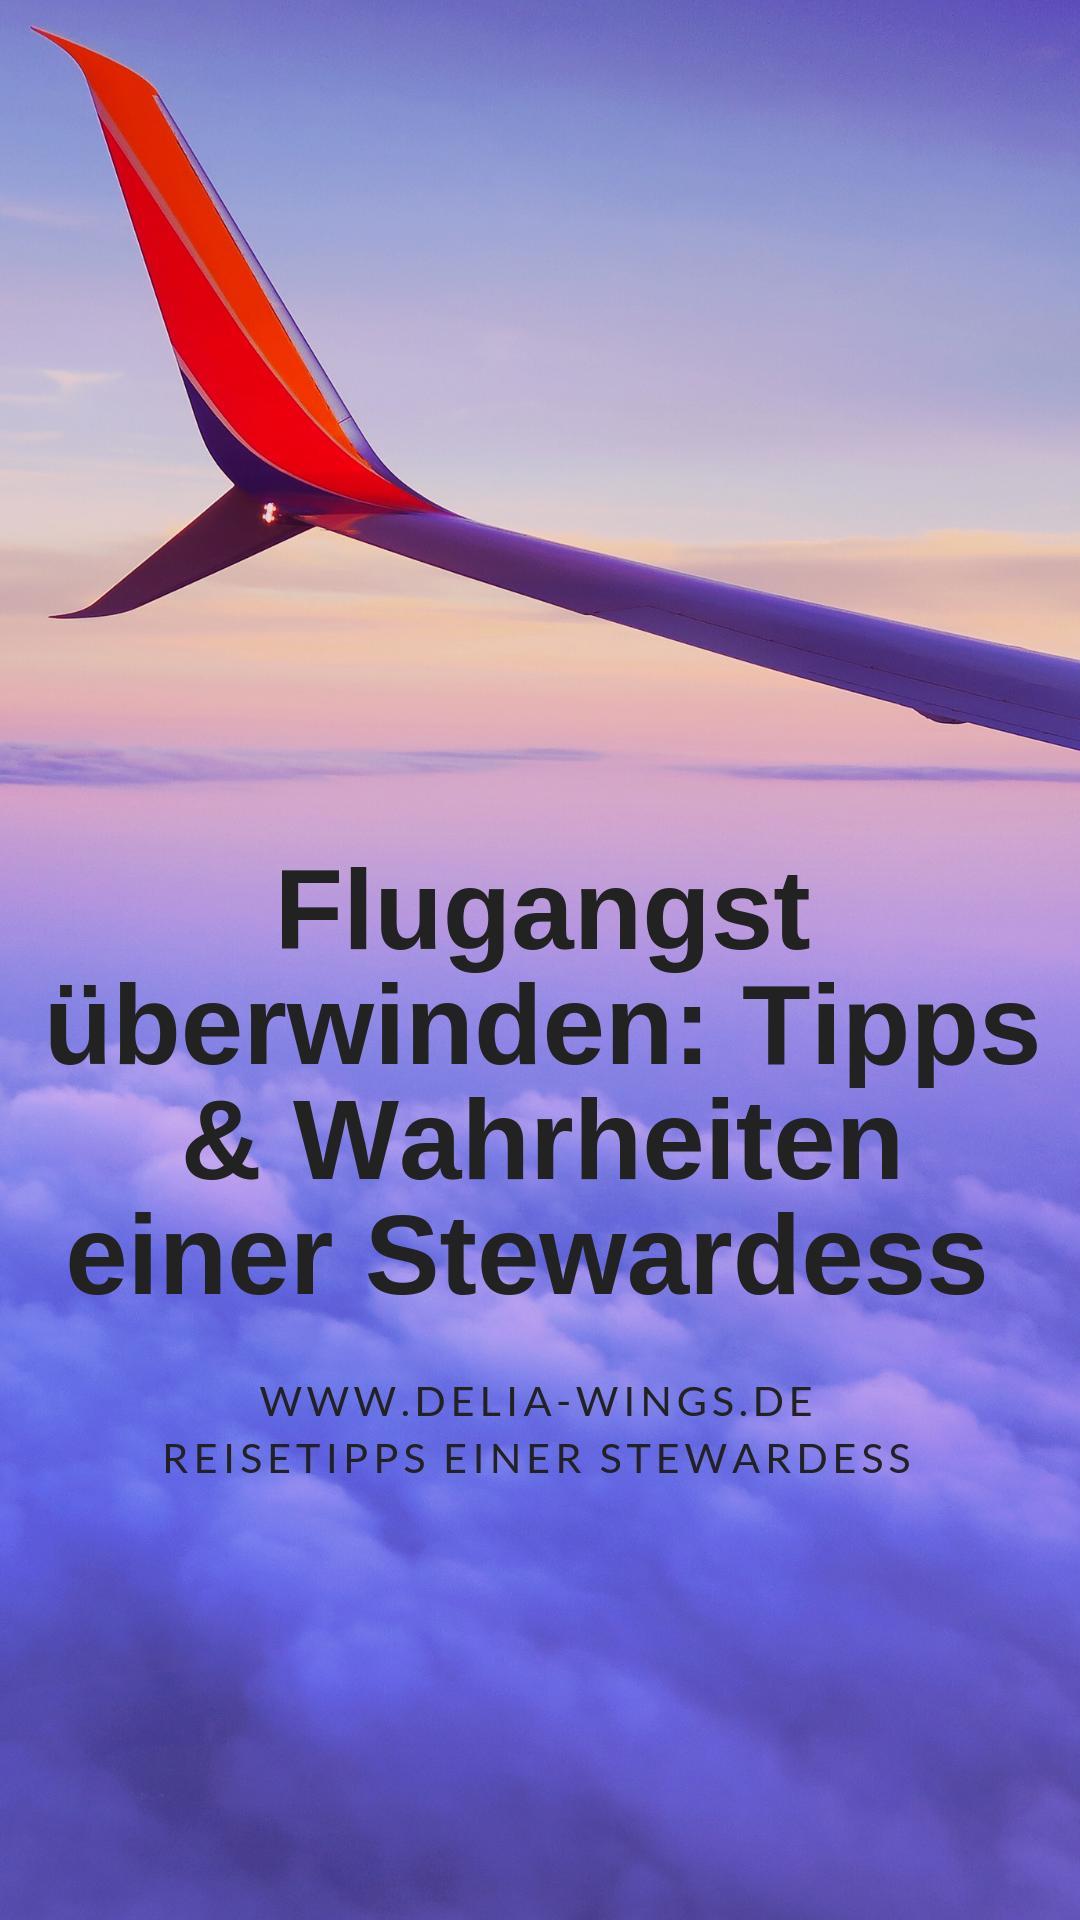 Flugangst überwinden mit diesen Tipps und Wahrheiten einer Stewardess